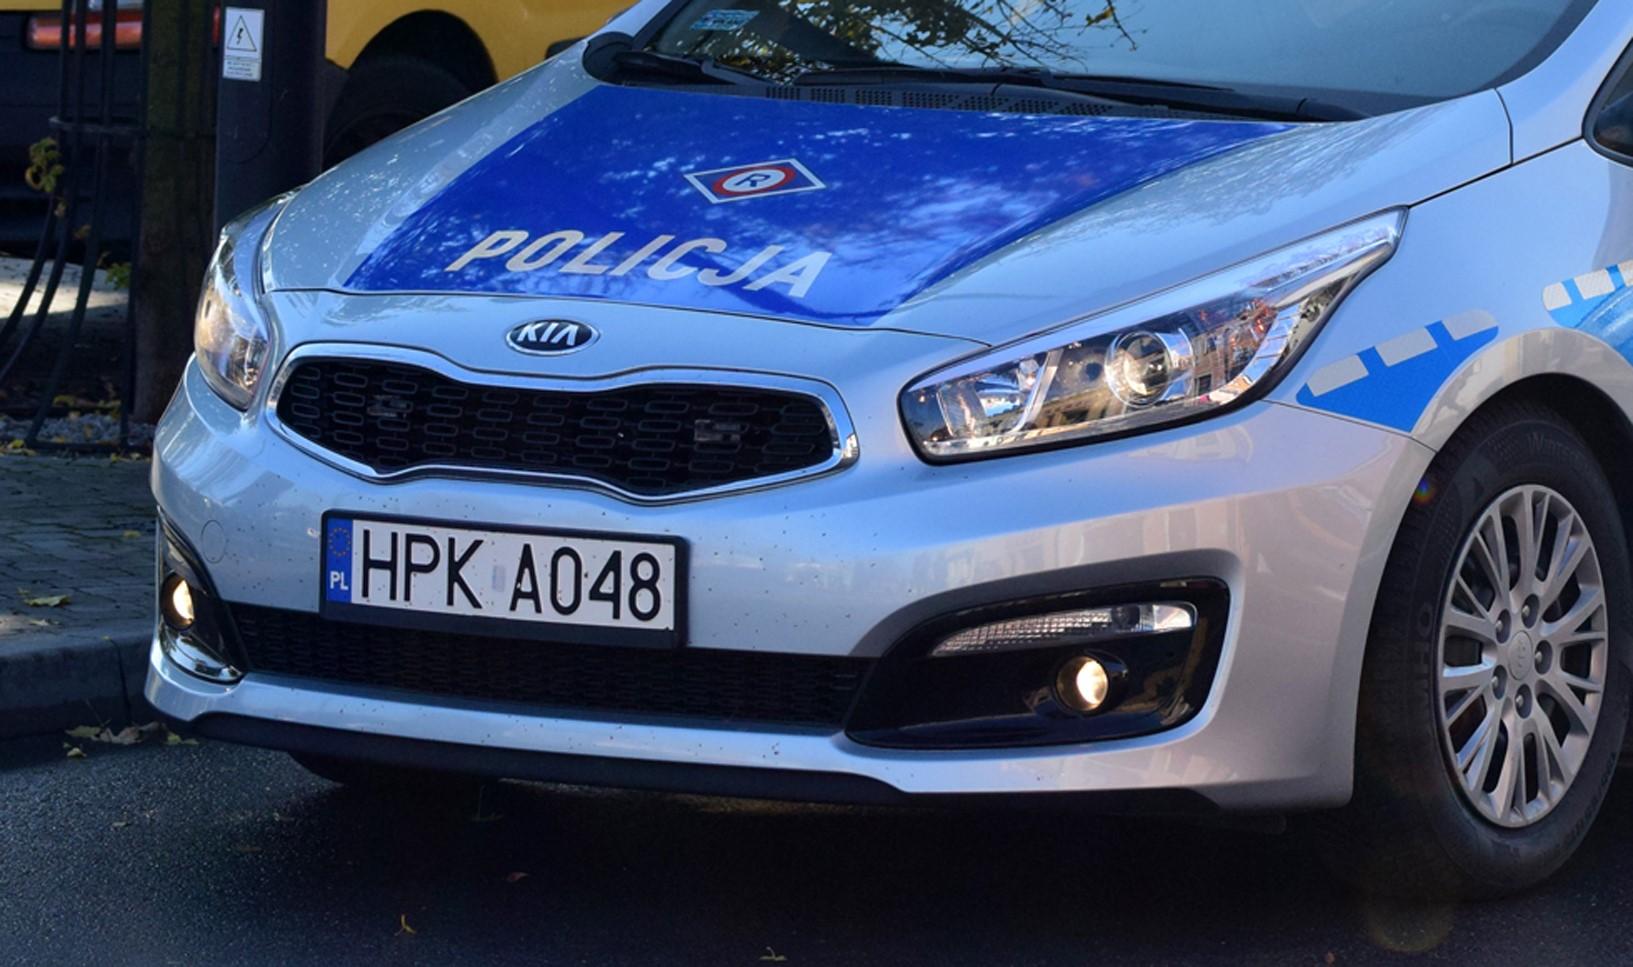 29-latek przekroczył prędkość o 112 km/h. Stracił prawo jazdy - Zdjęcie główne